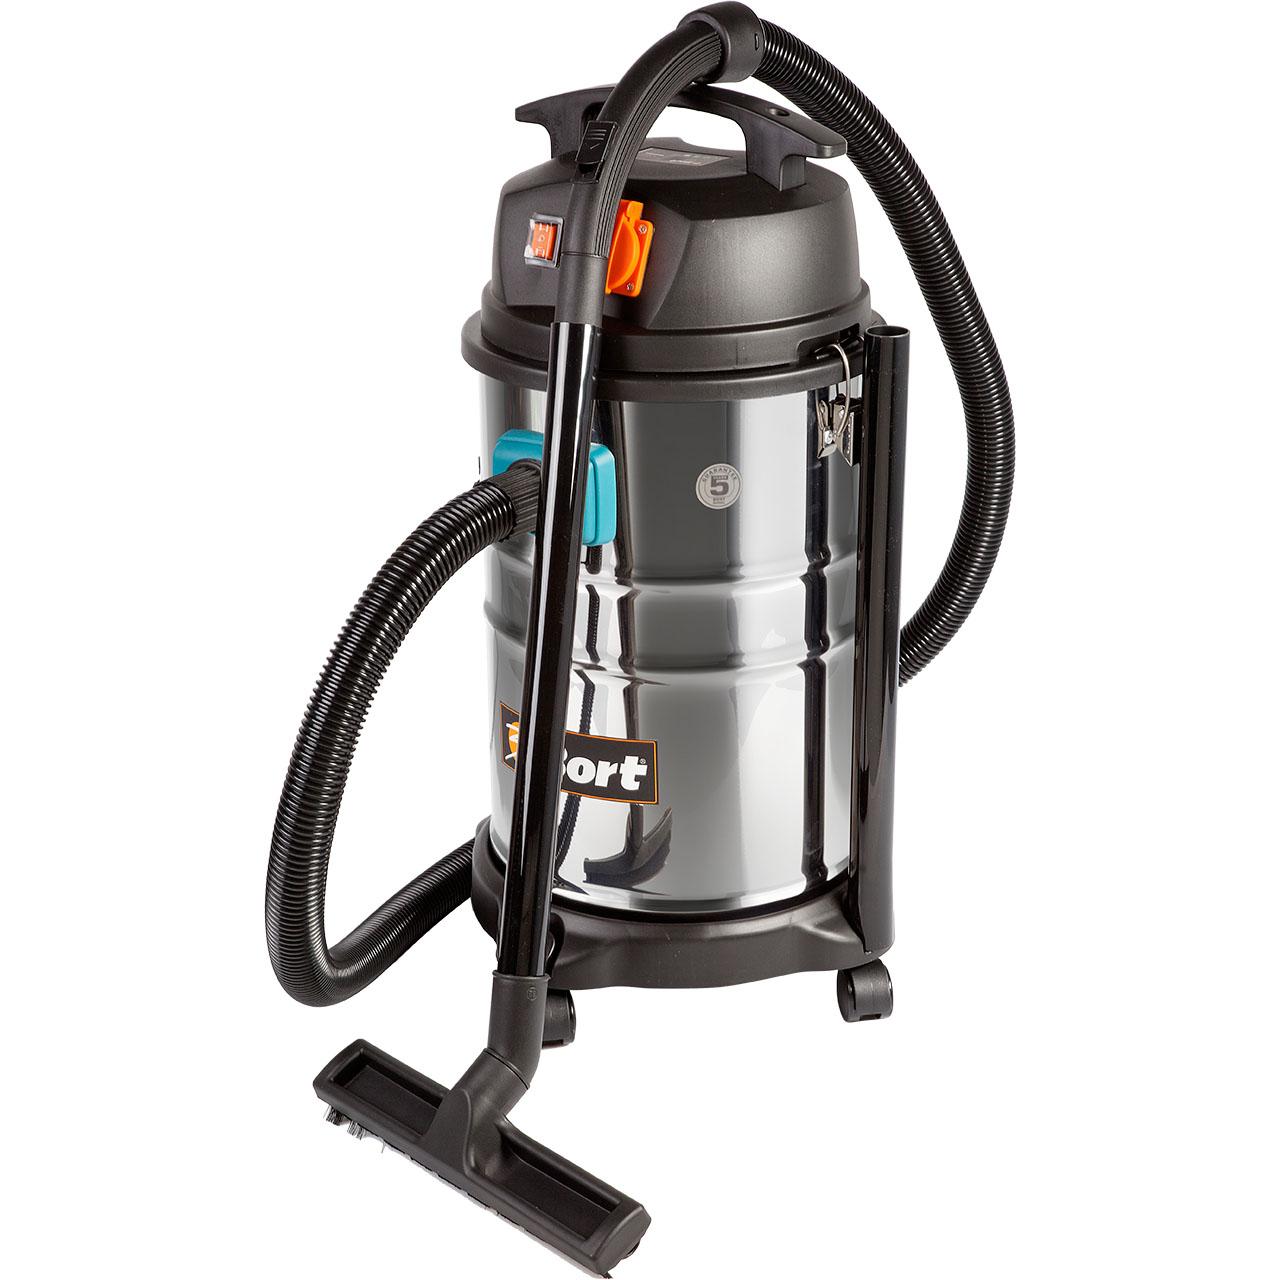 Промышленный пылесос Bort BSS-1530-Pro